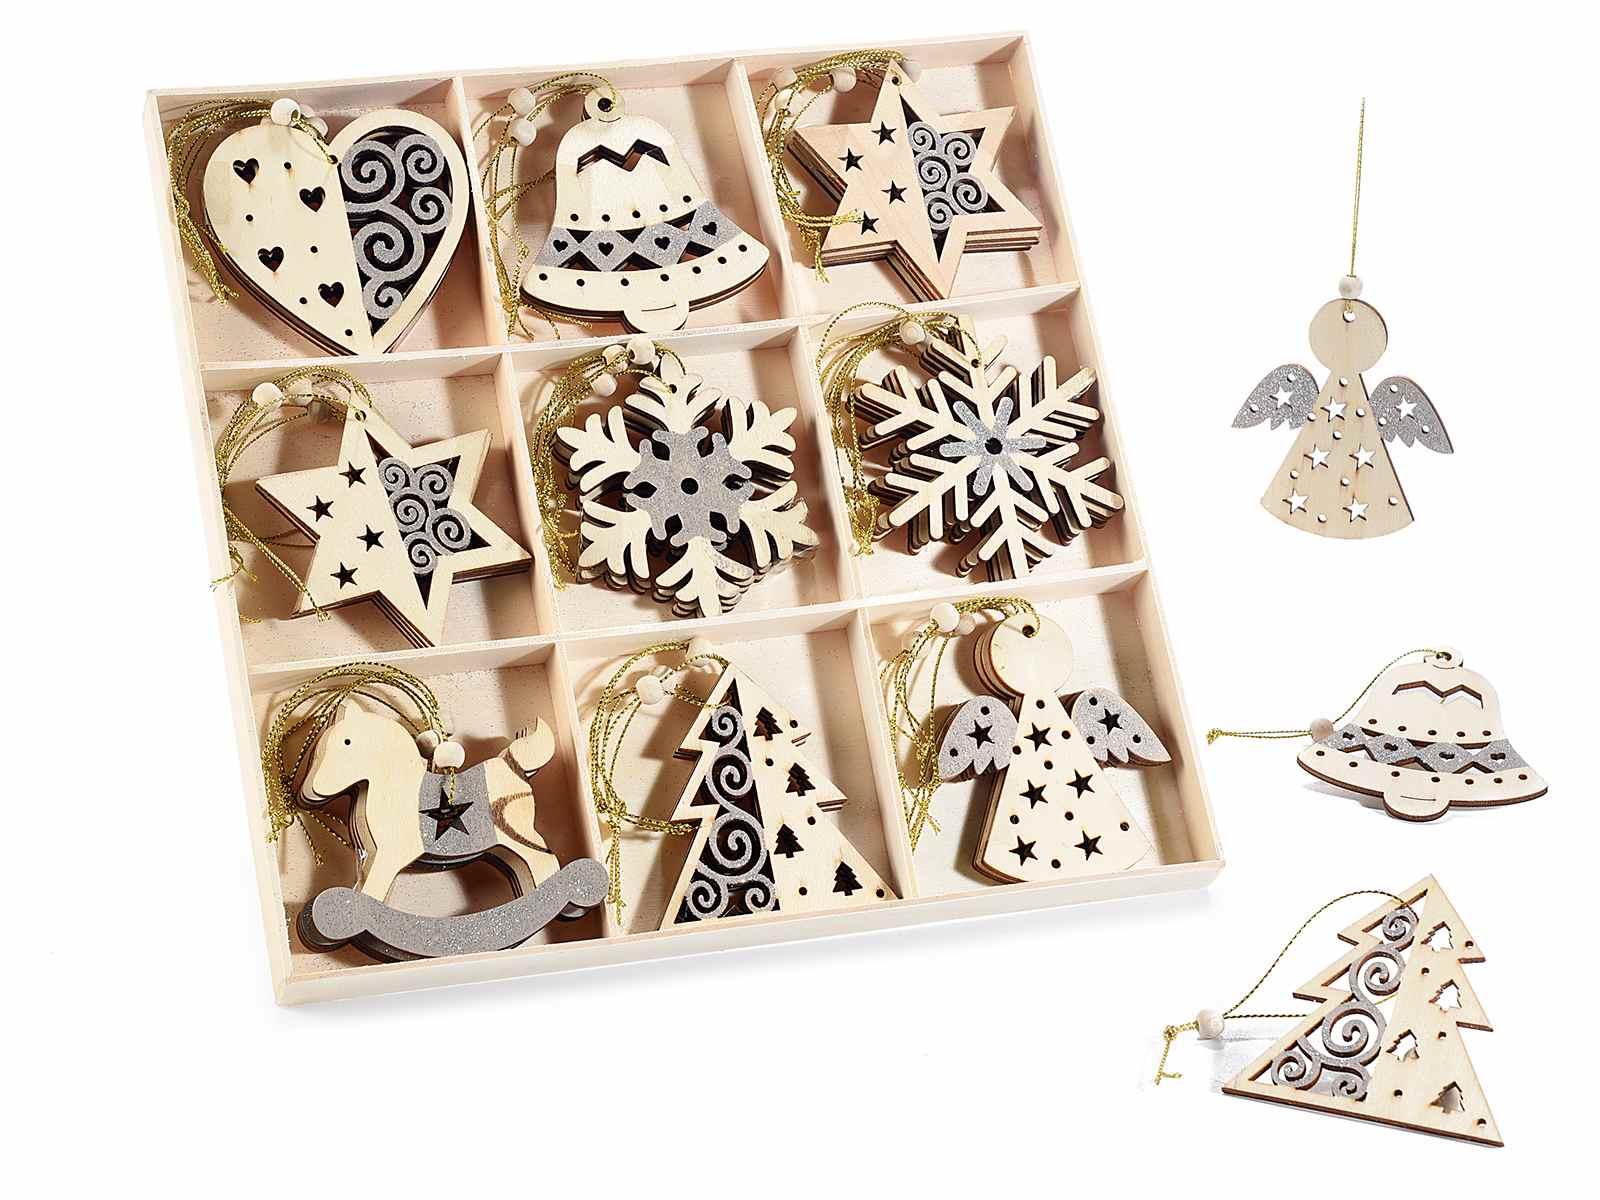 Espo 36 decorazioni natalizie legno da appendere c glitter for Decorazioni natalizie in legno da appendere